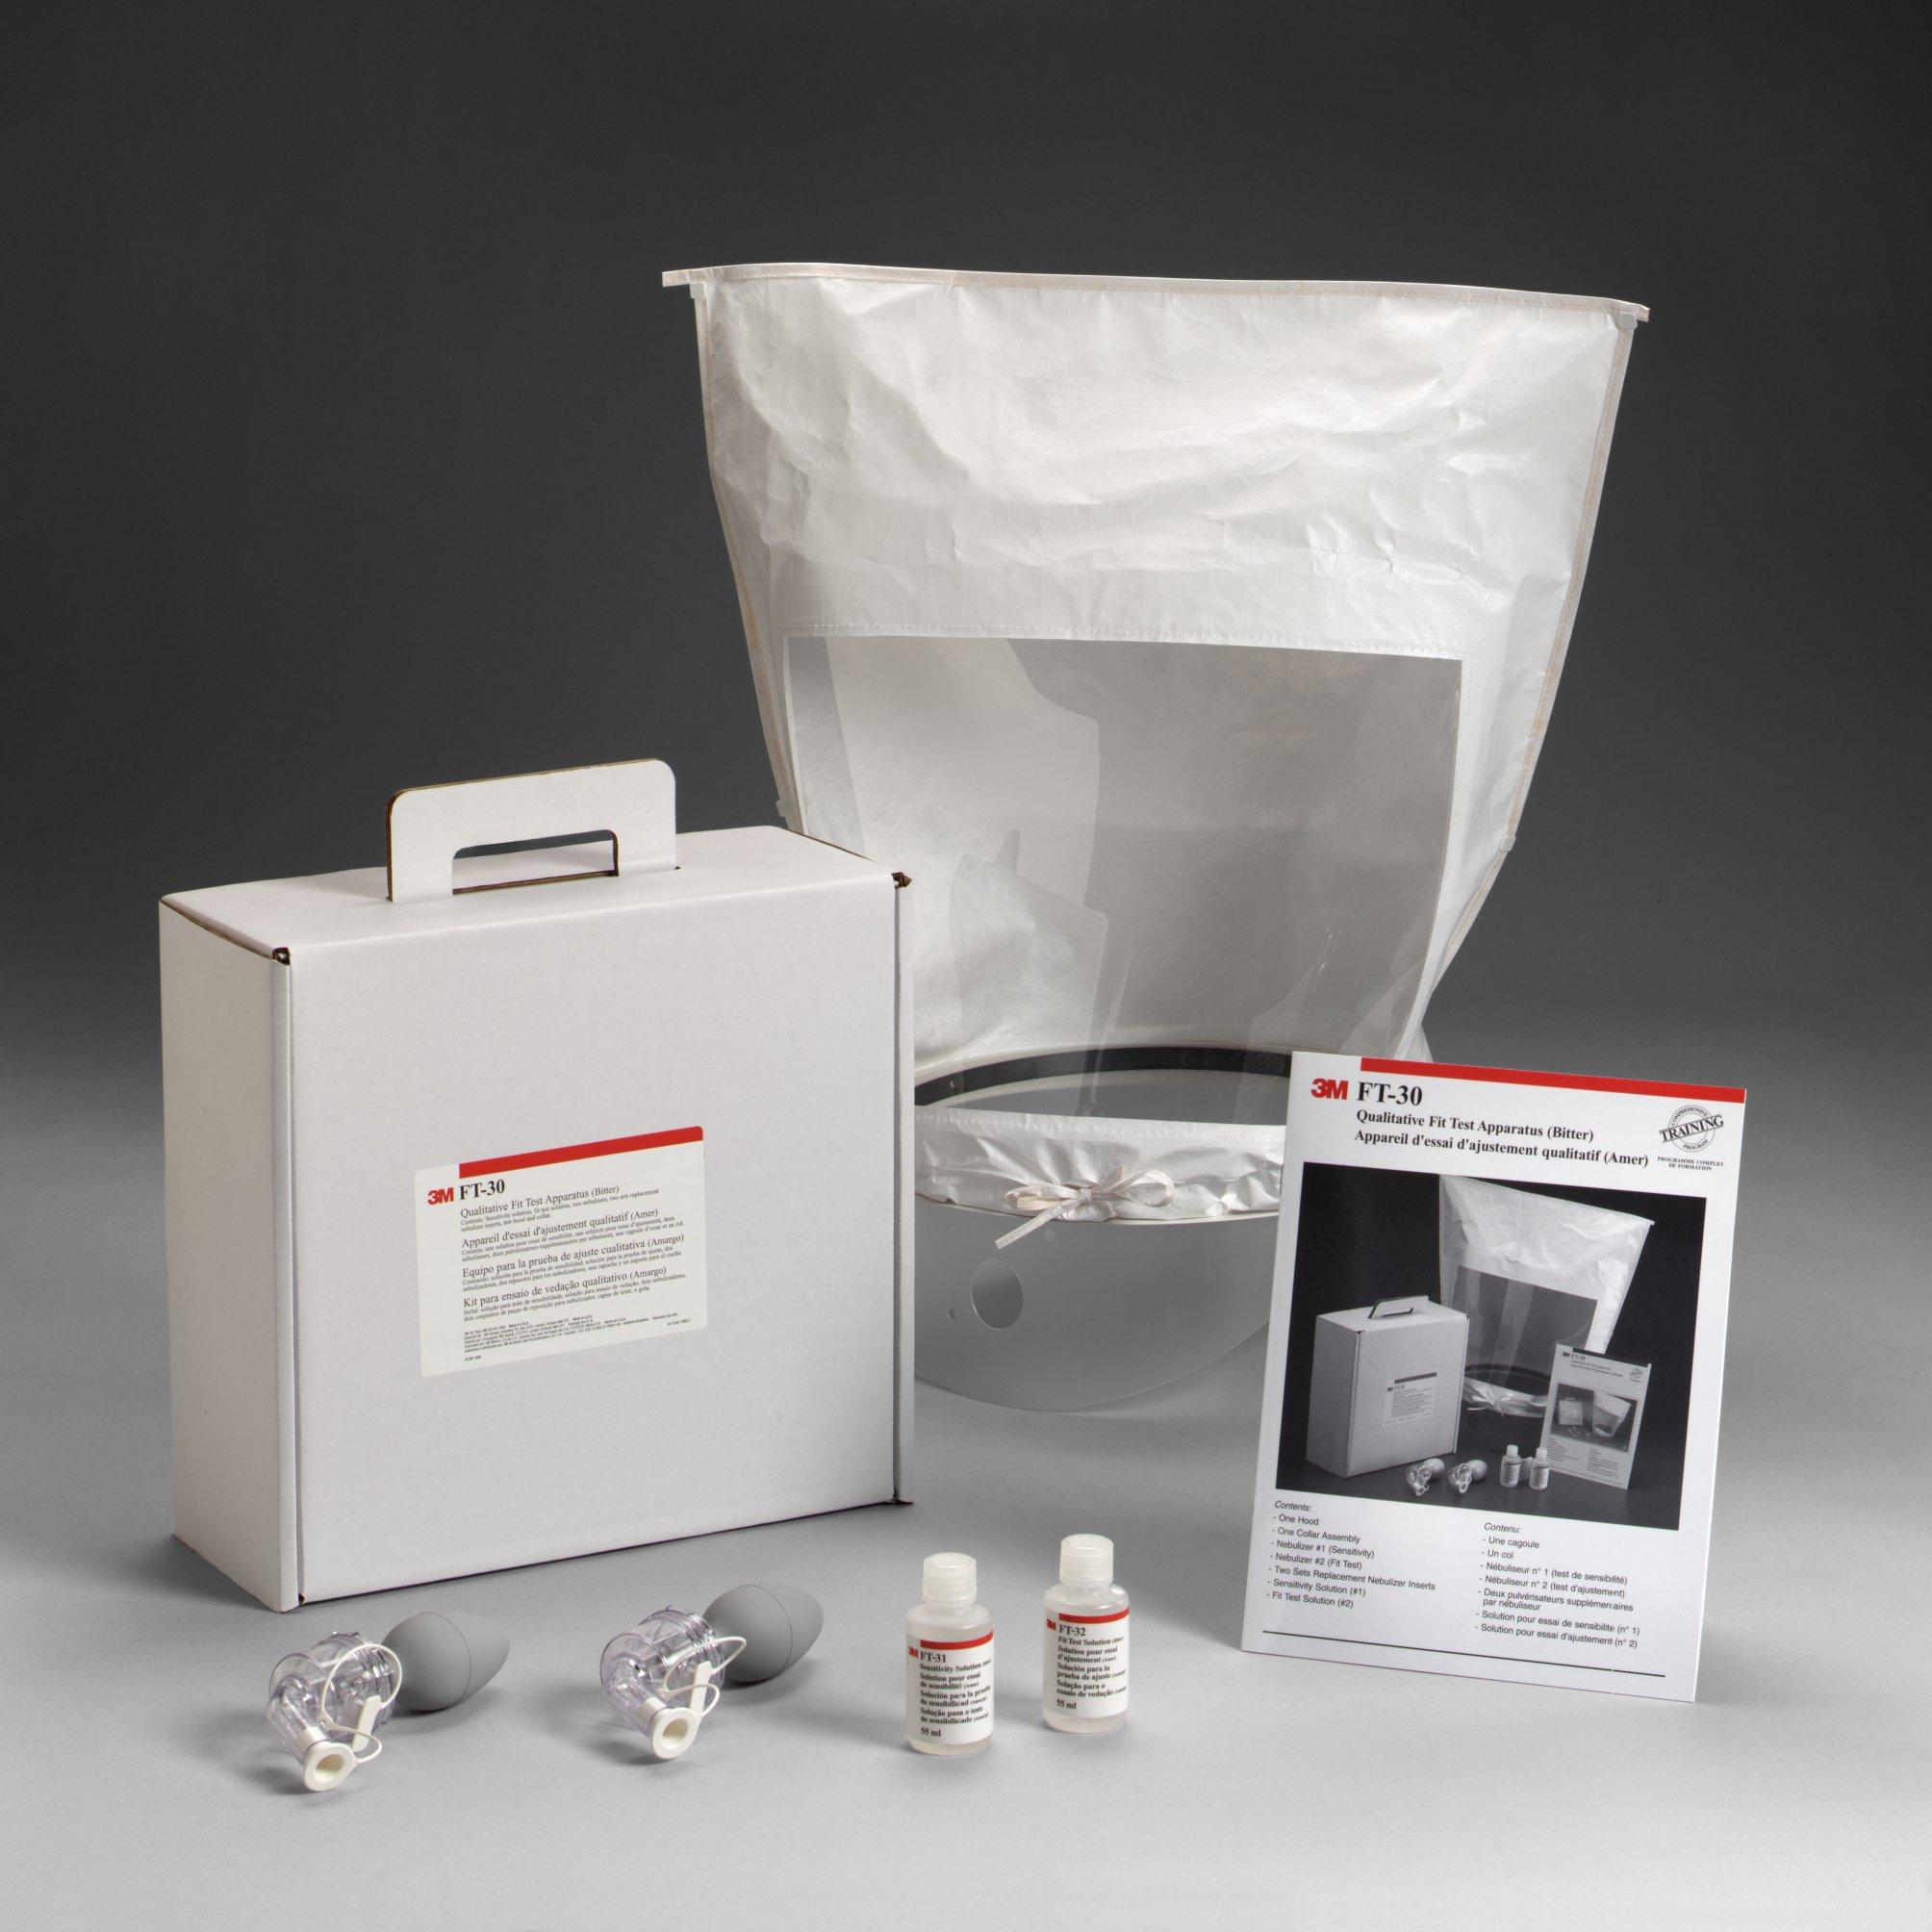 3M Qualitative Fit Test Apparatus Kit, FT-30 - EACH